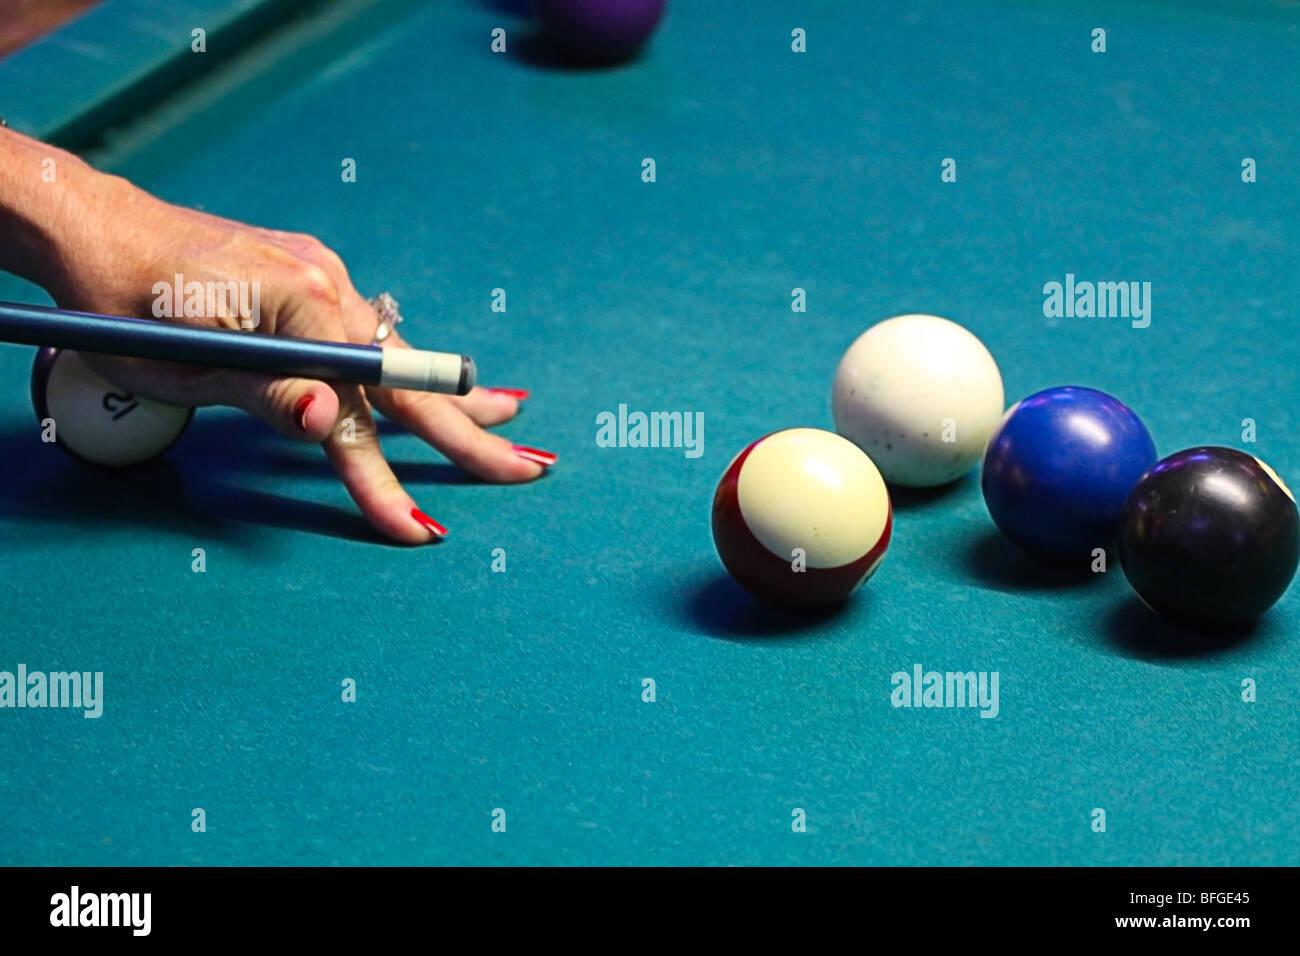 Pool game detail. - Stock Image